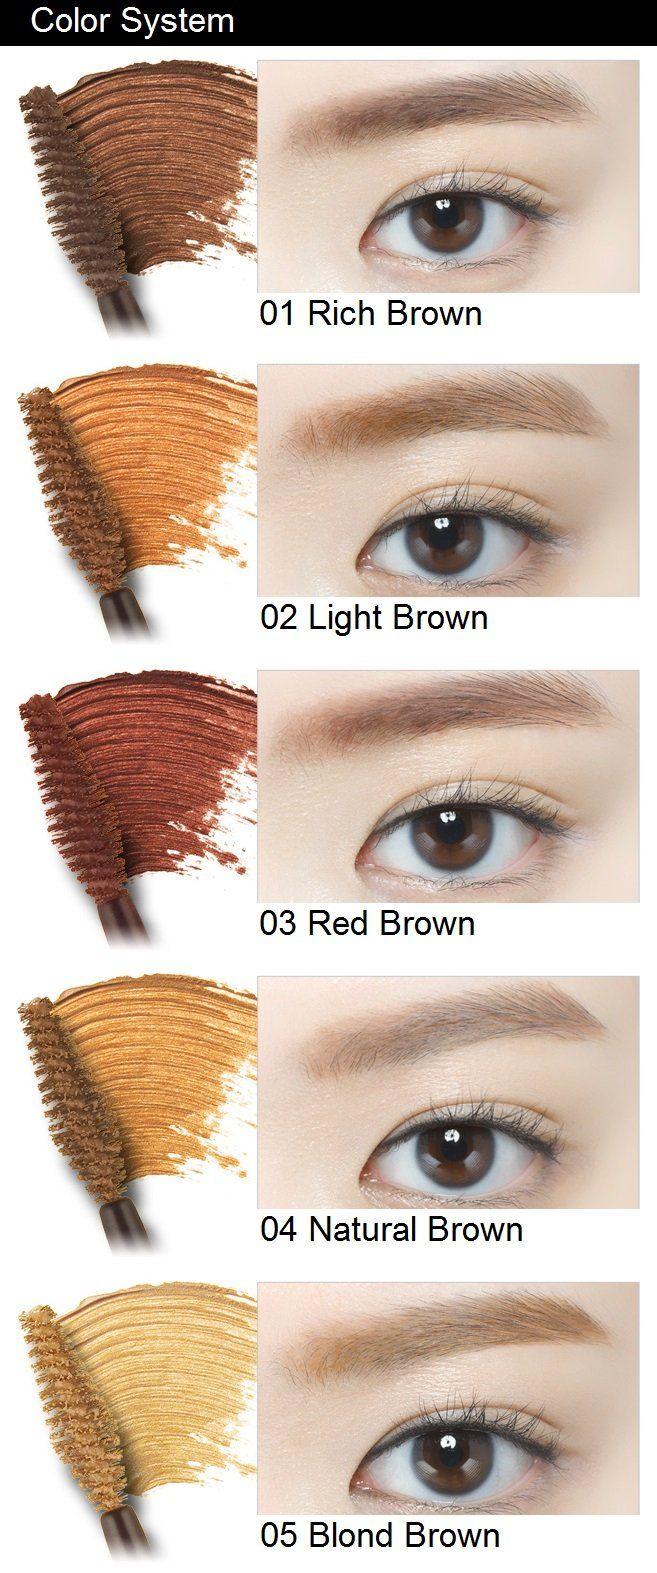 Etude House Color My Brows Eyebrow Mascara Eyebrow Shaping Threading Facial Hair Eyebrow Mascara